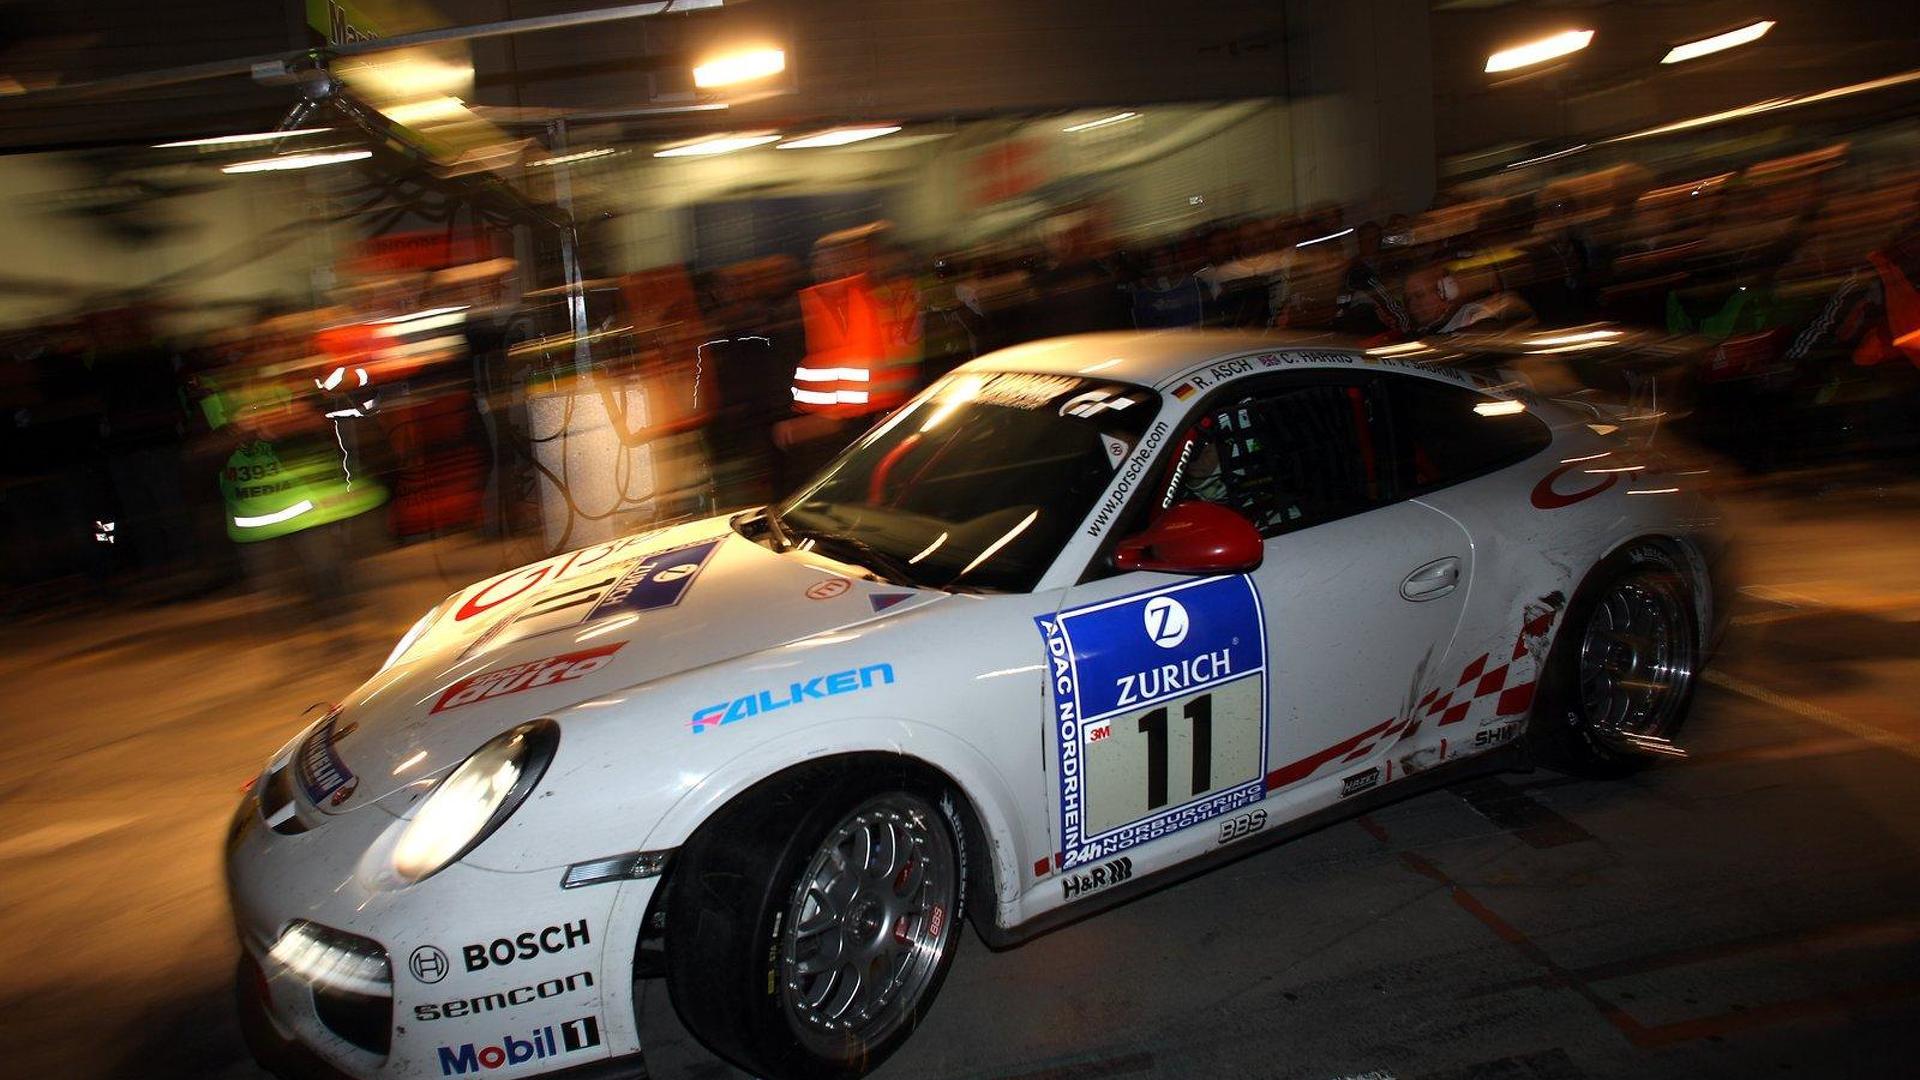 2010-202284-porsche-911-gt3-rs-nurburgring-24h-chris-harris-roland-asch-horst-von-saurma-p1 Cozy Porsche 911 Gt2 Rs Nürburgring Cars Trend